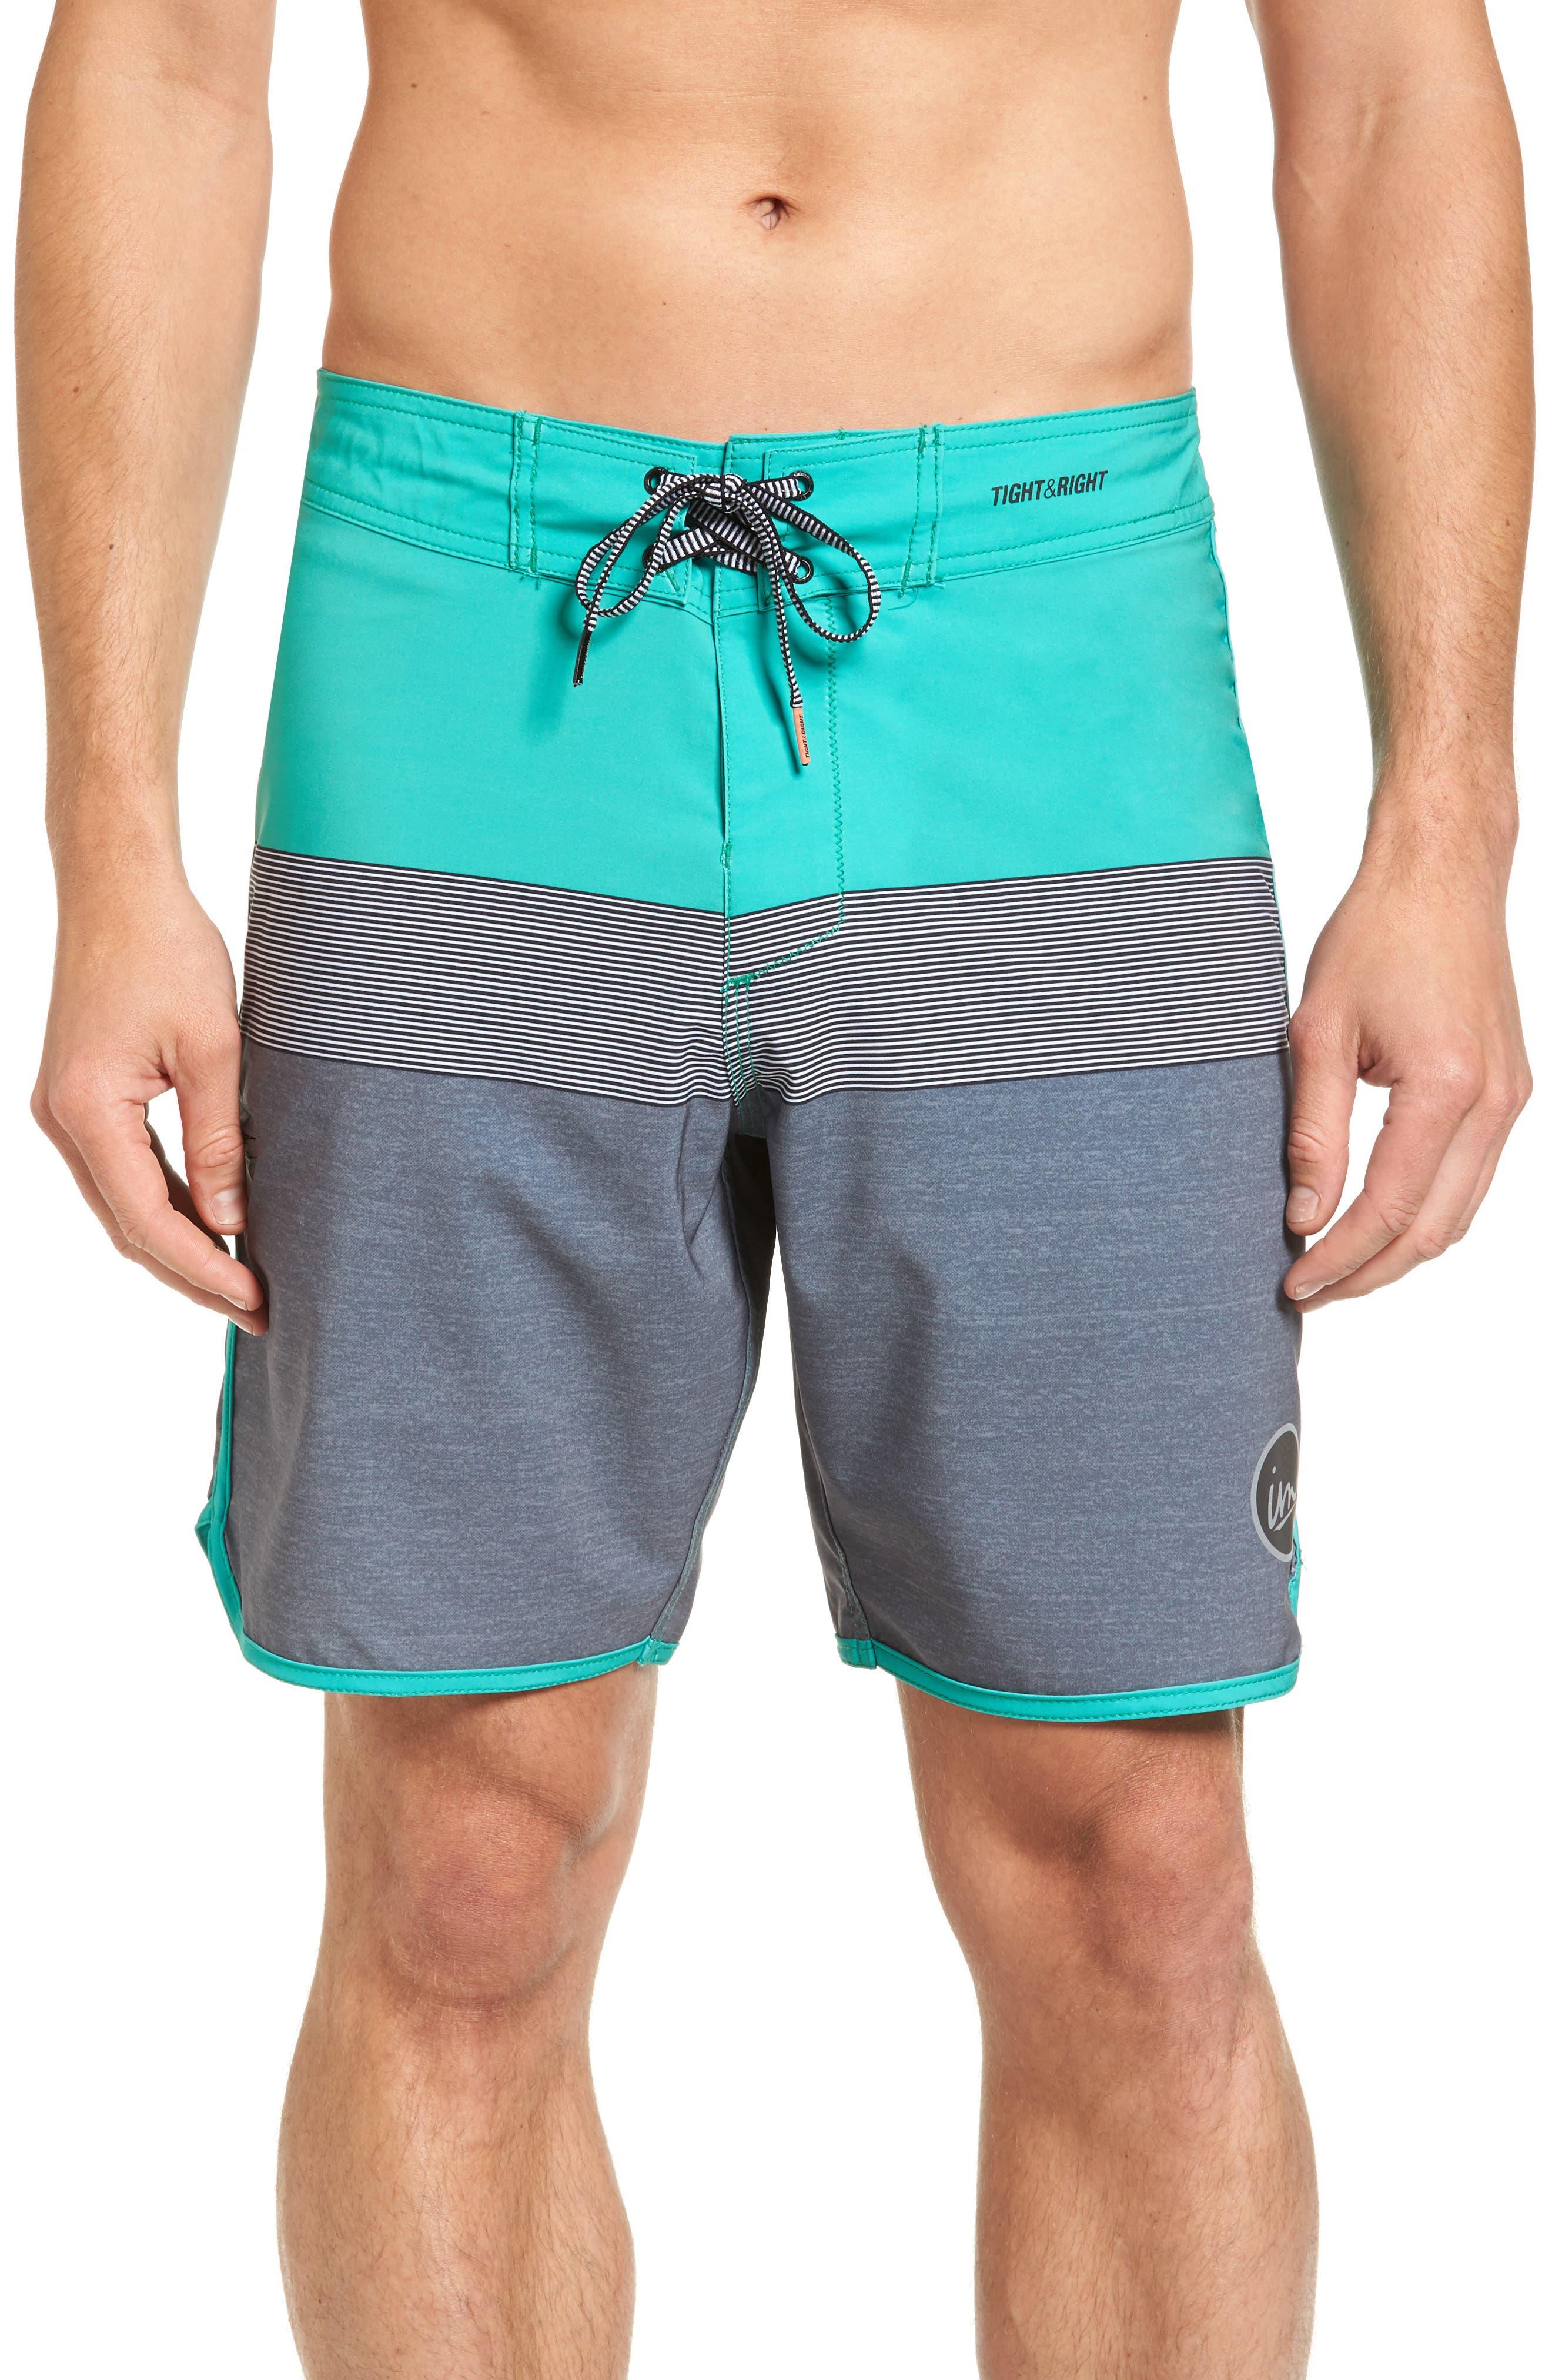 Hayworth Board Shorts,                             Main thumbnail 1, color,                             300